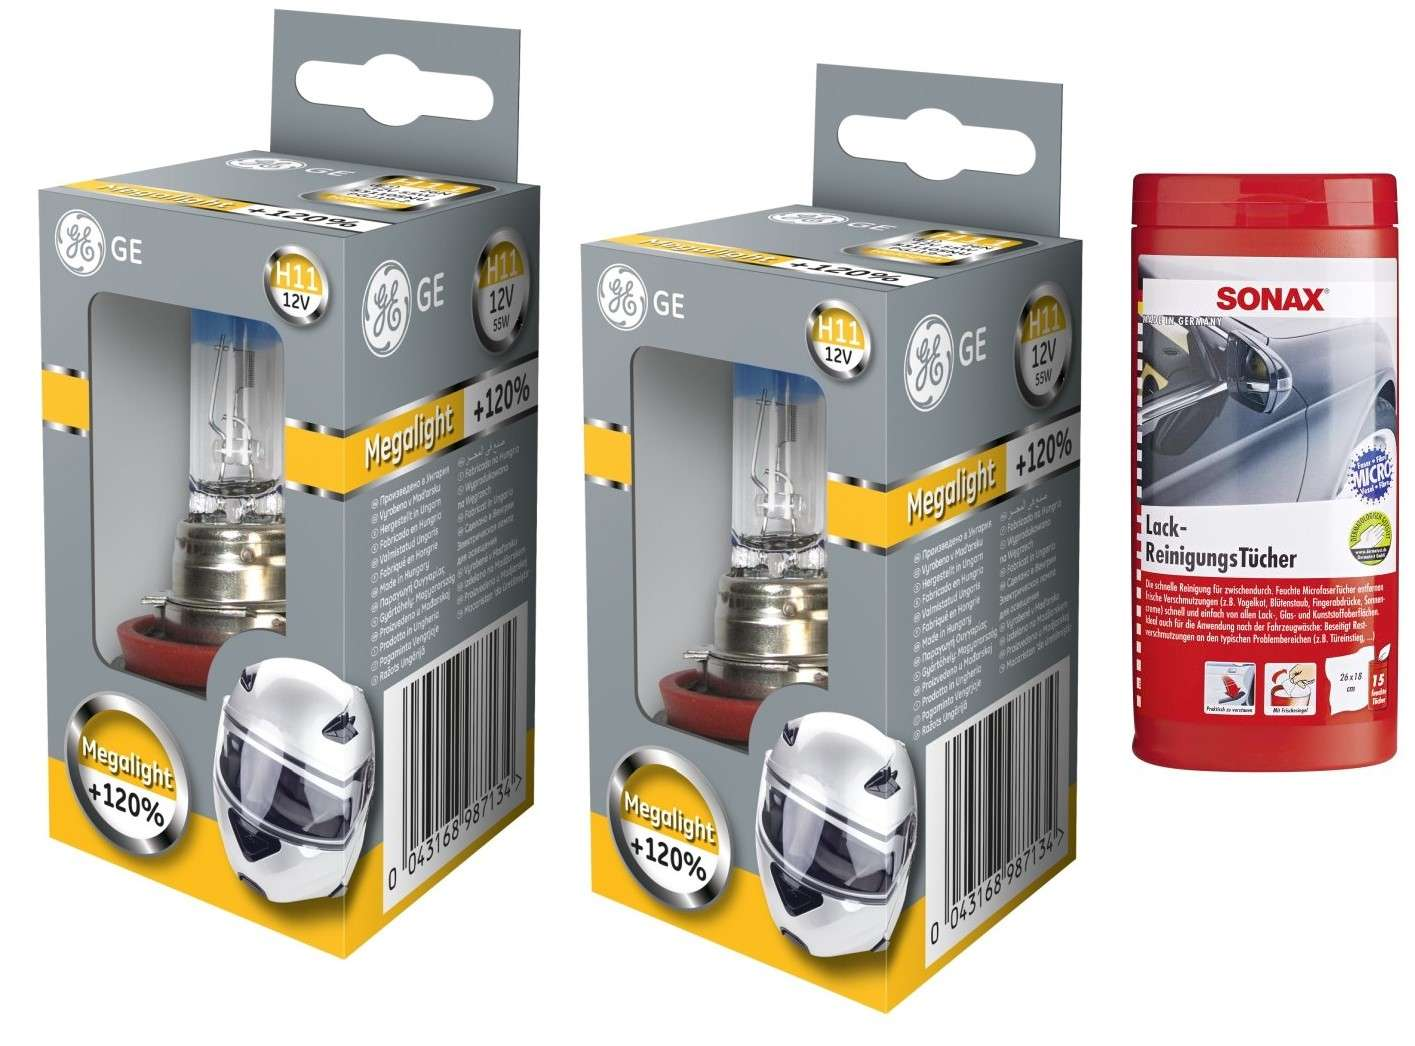 Sonax Lackreinigungstücher H11 12V MegaLight Ultra bis 130/% mehr Licht 2St GE